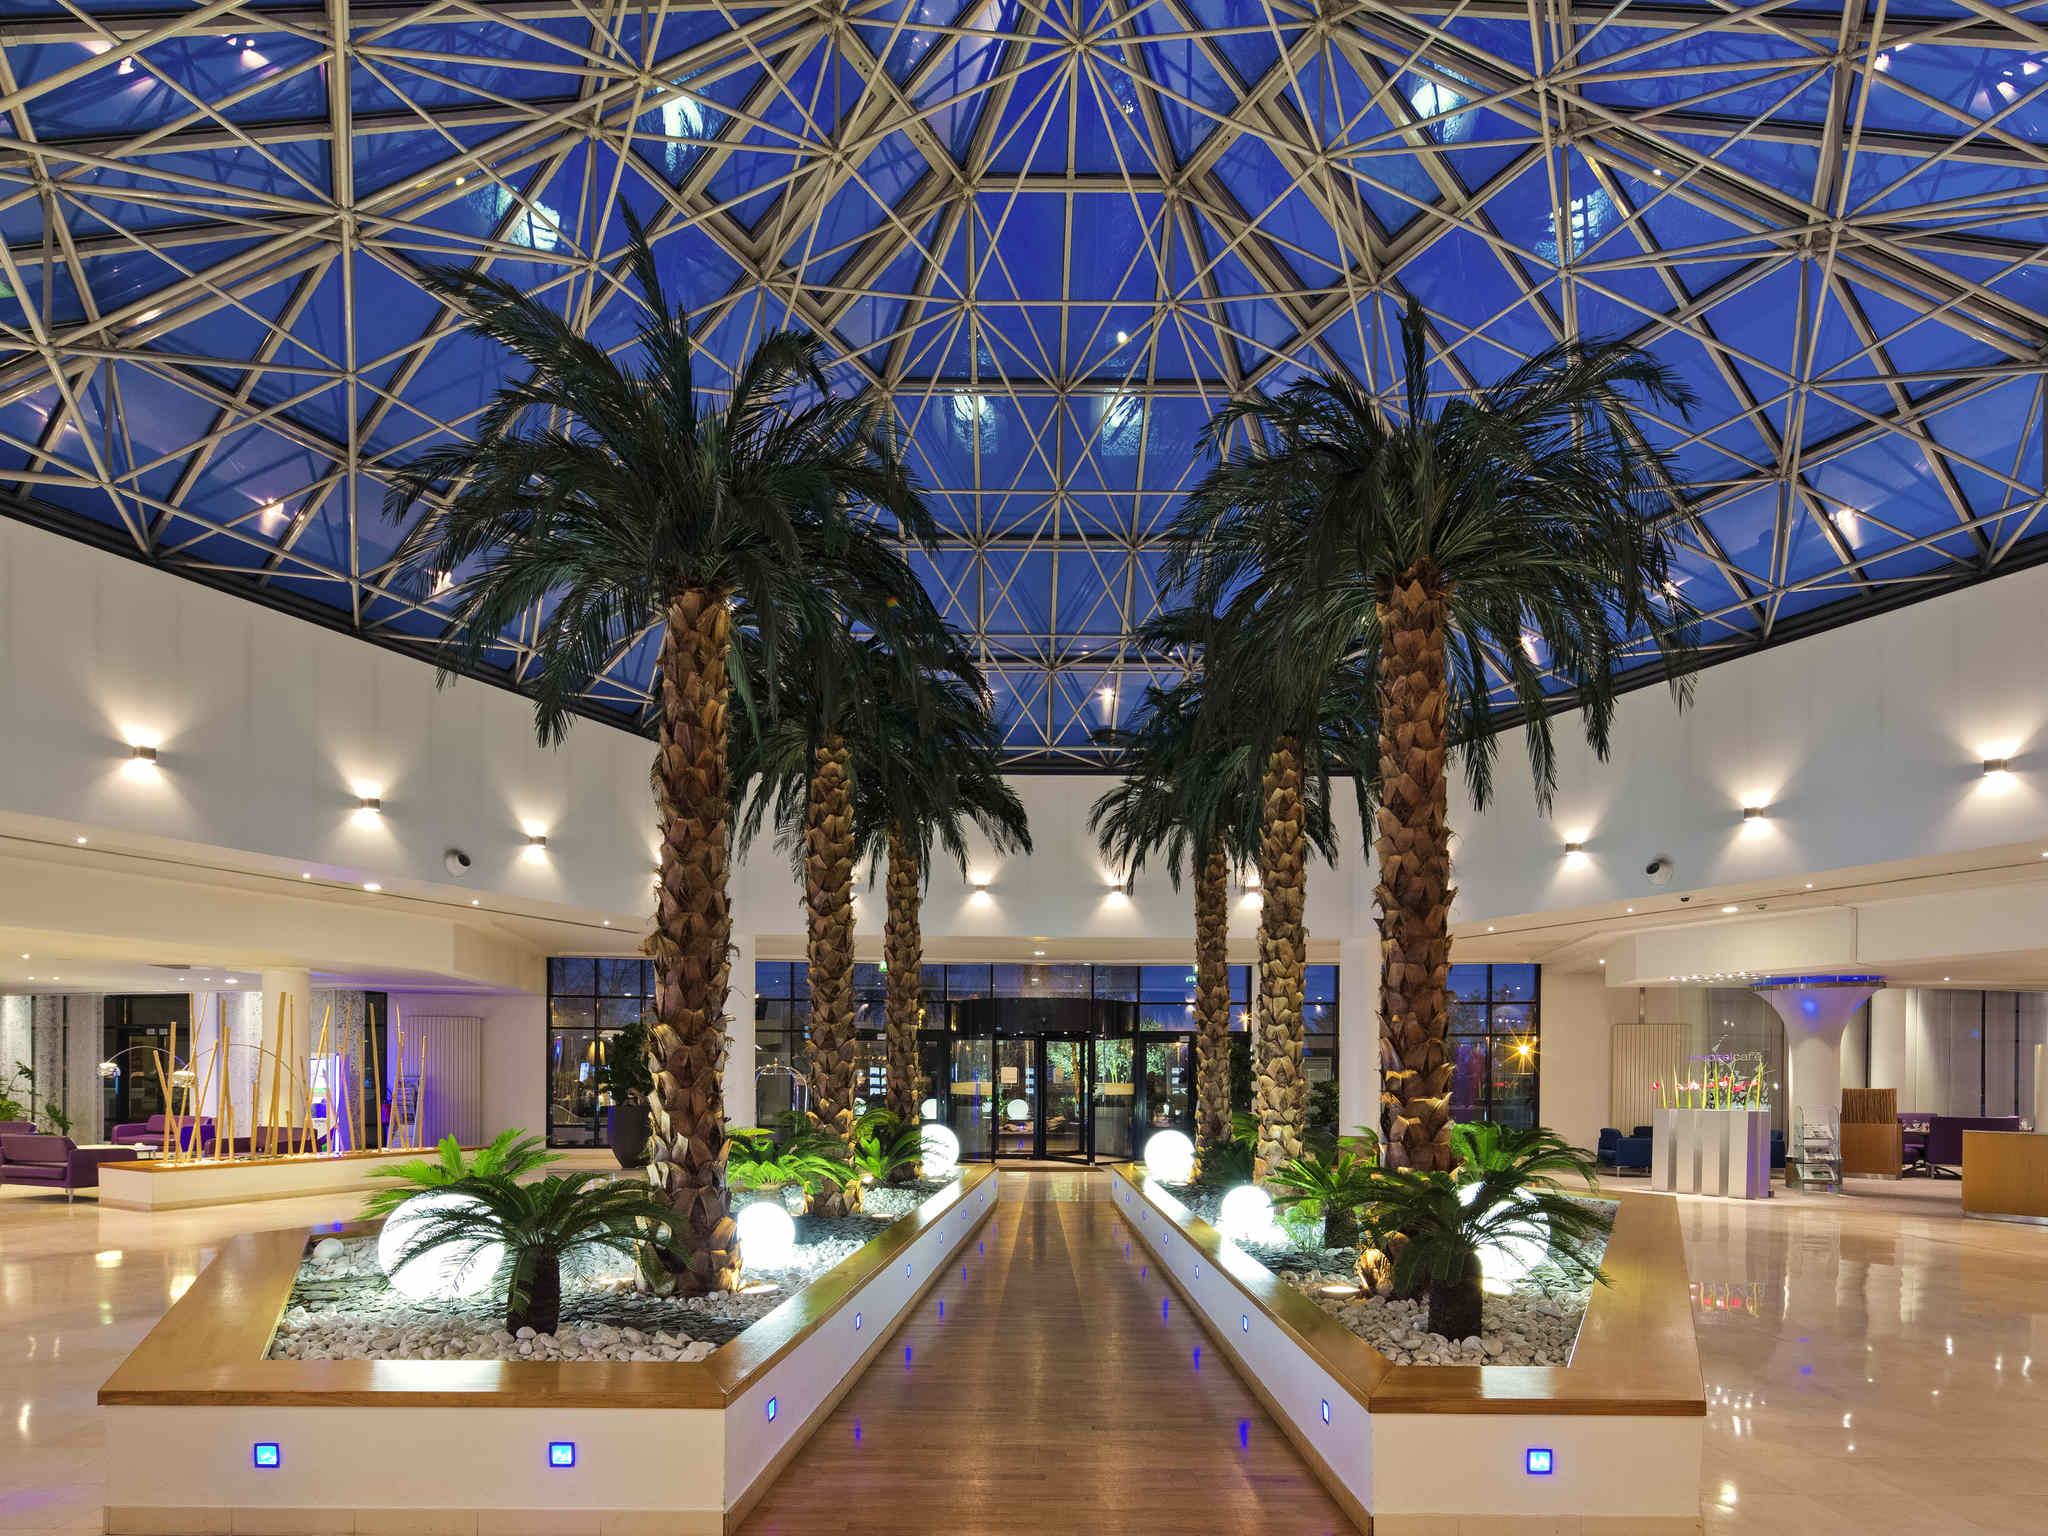 Hotel – Novotel Convention & Wellness Roissy CDG